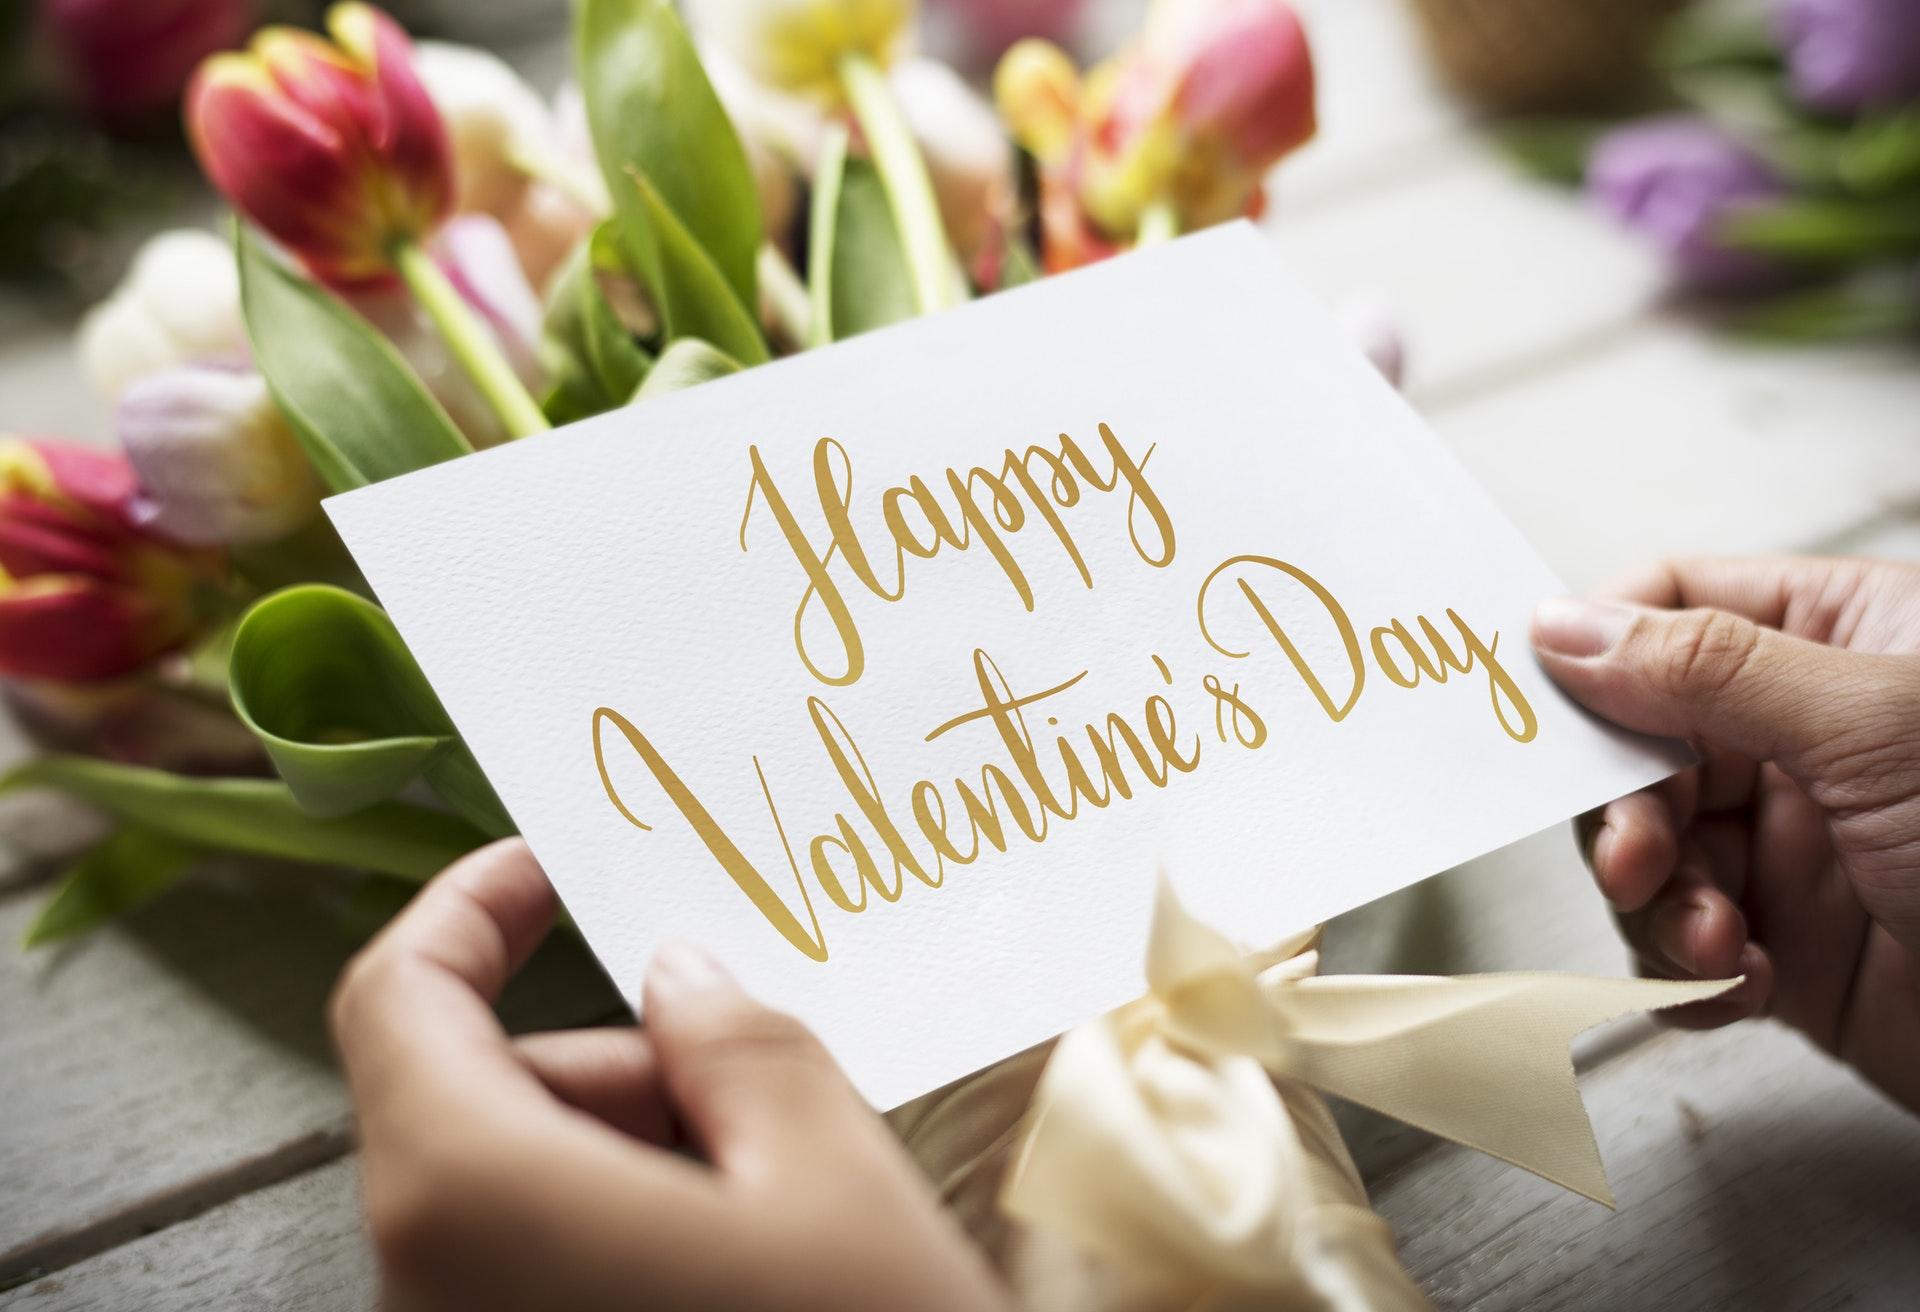 Valentinsdag, valentin, valentine, valentines day, kærlighed, forelsket, blomster